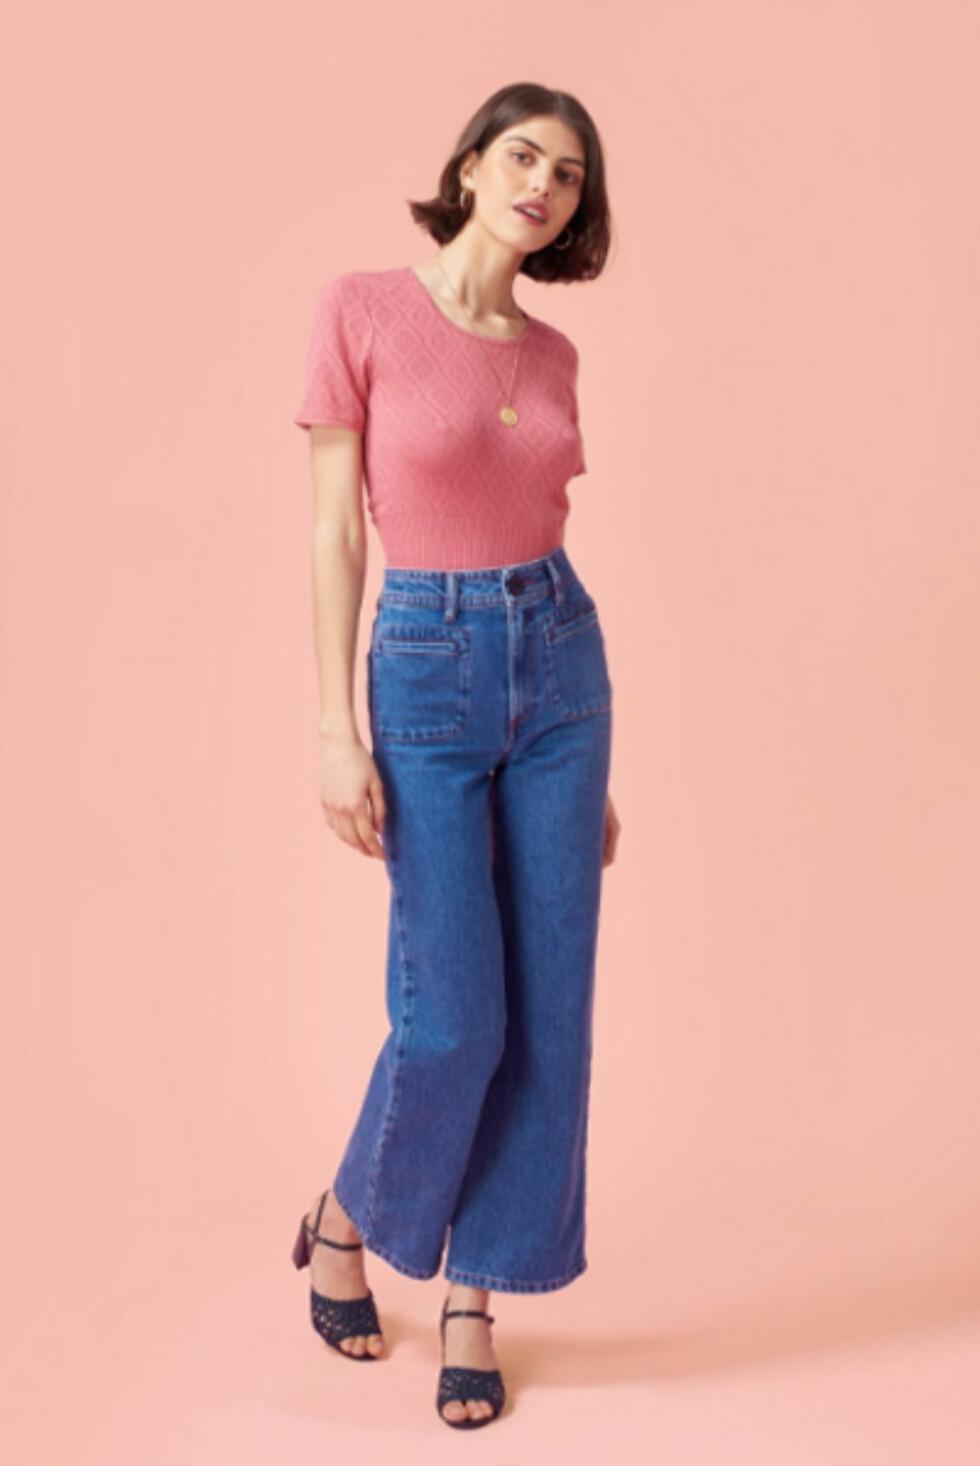 Jeans fra Rouje |1330,-| https://www.rouje.com/e-shop/swan-denim-lave.html